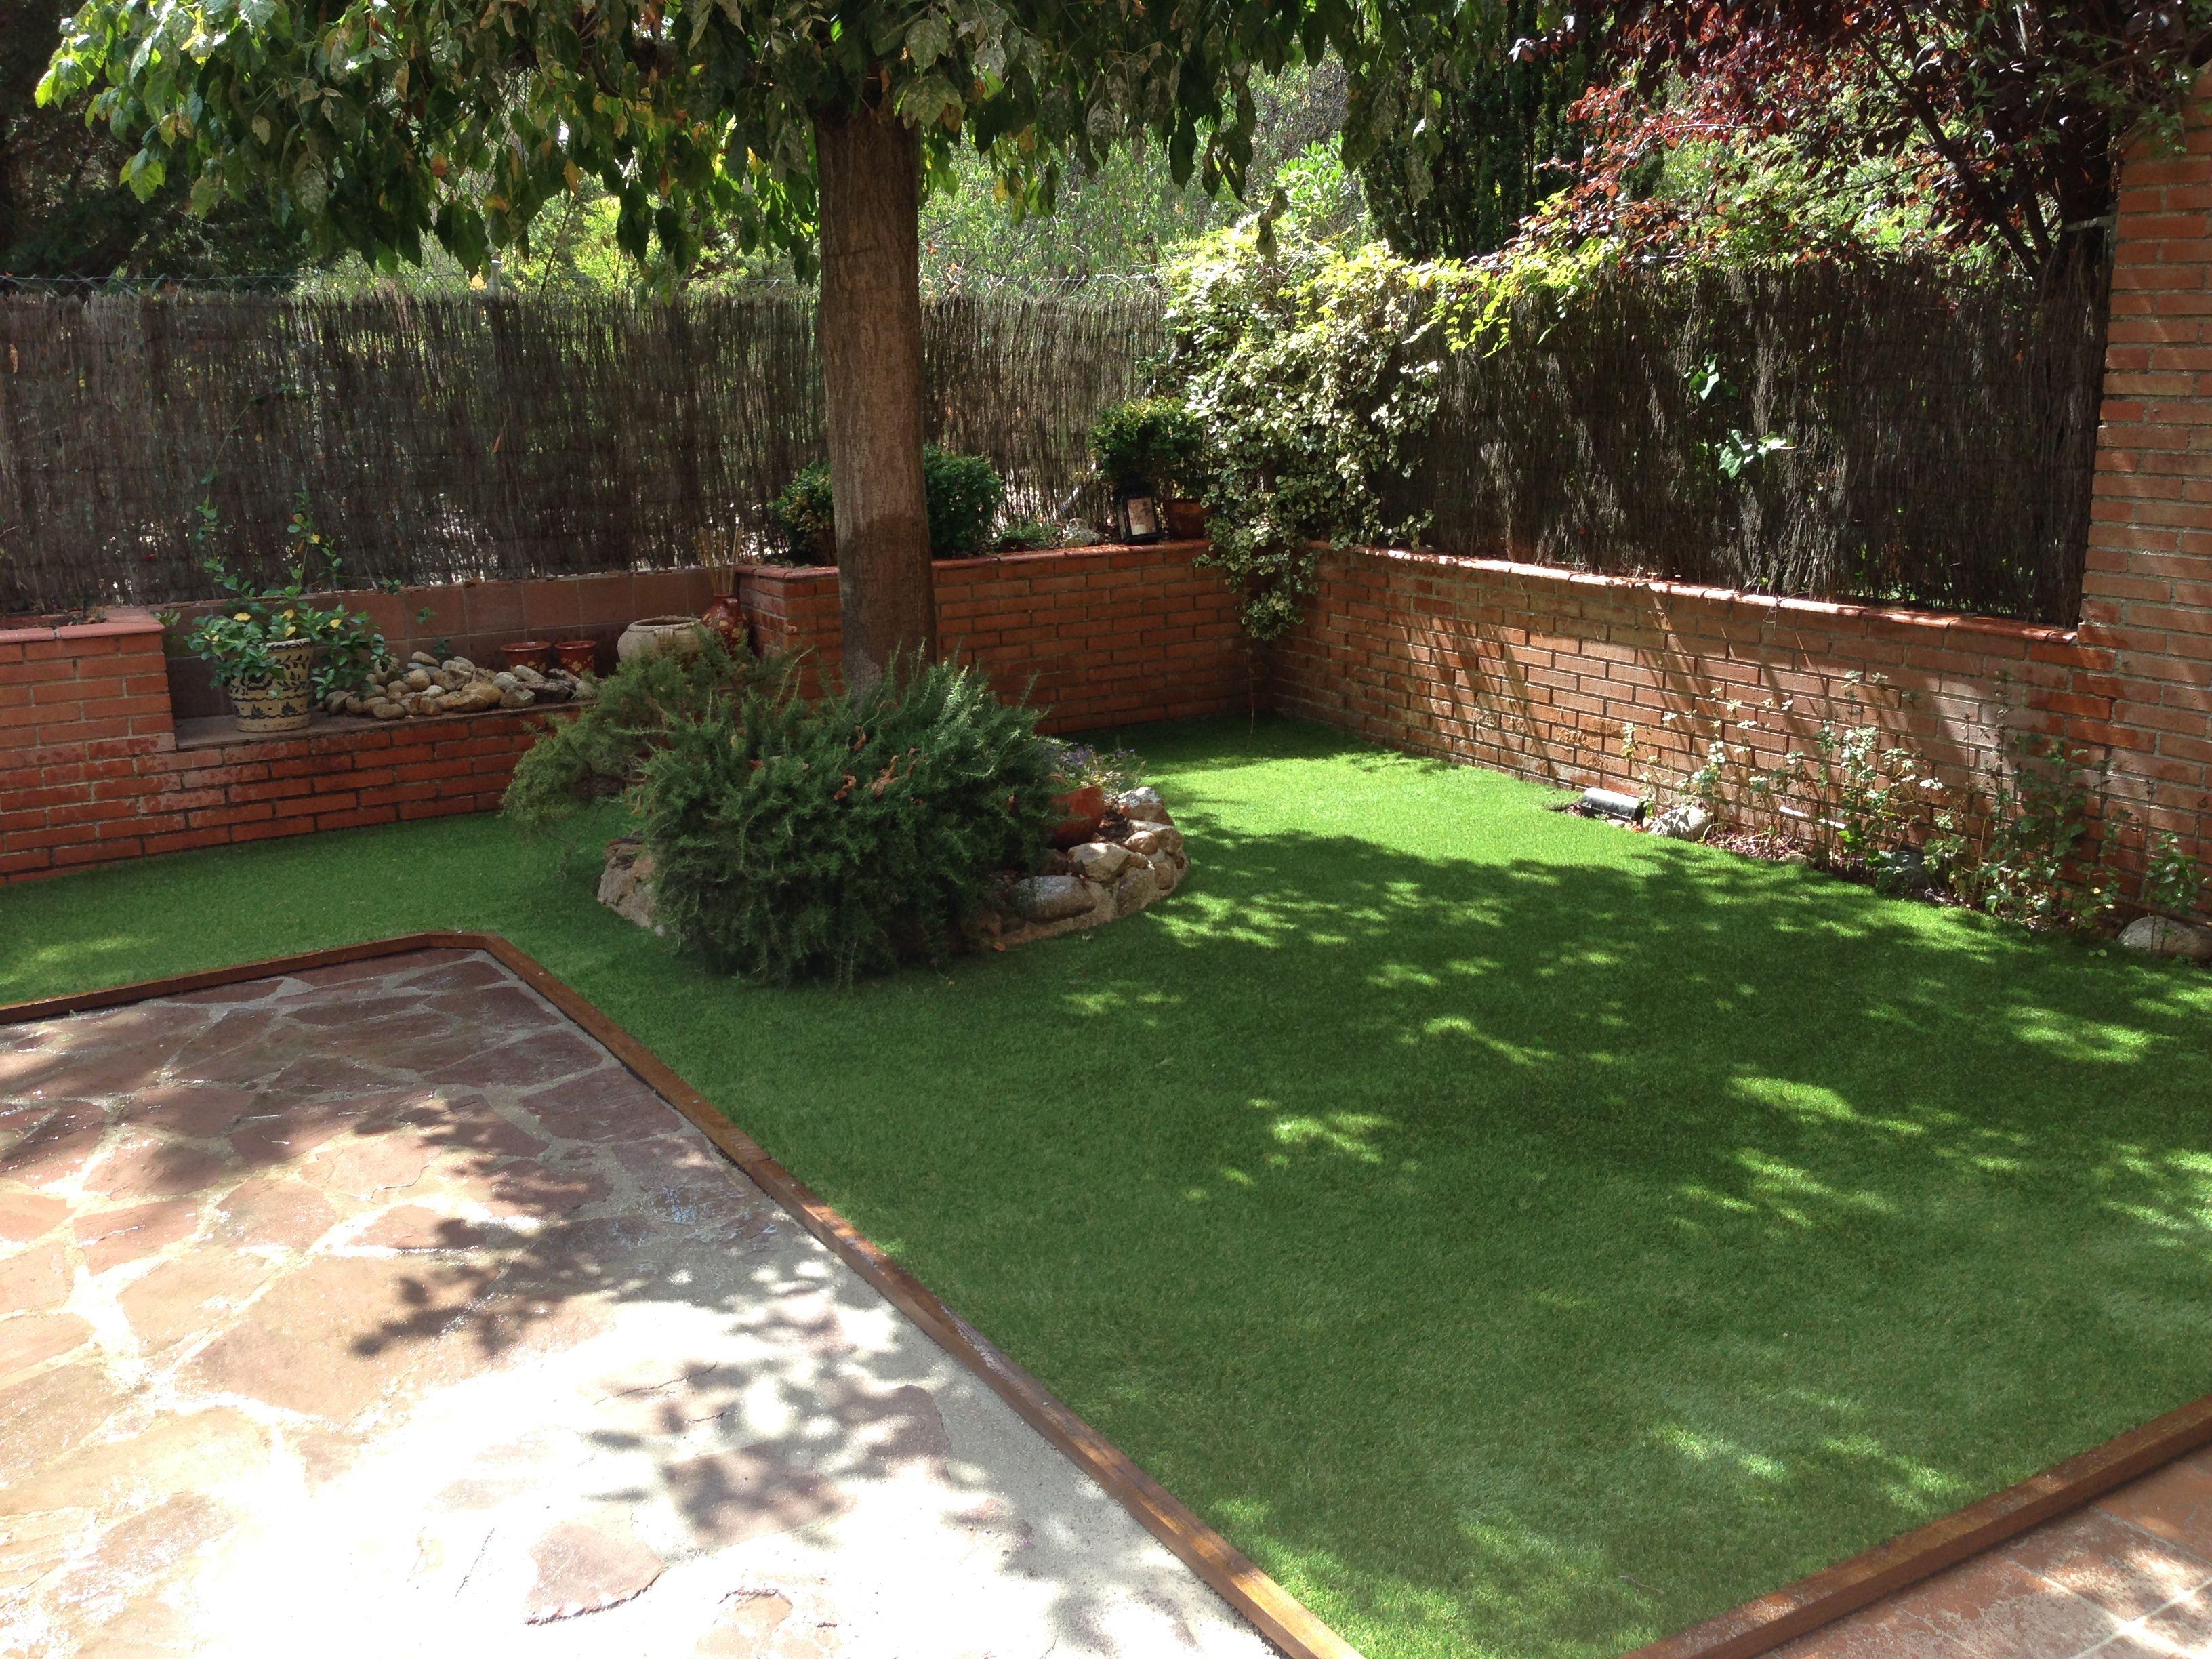 Bordillos de jardin hermosos dise os de casas for Bordillos para jardin